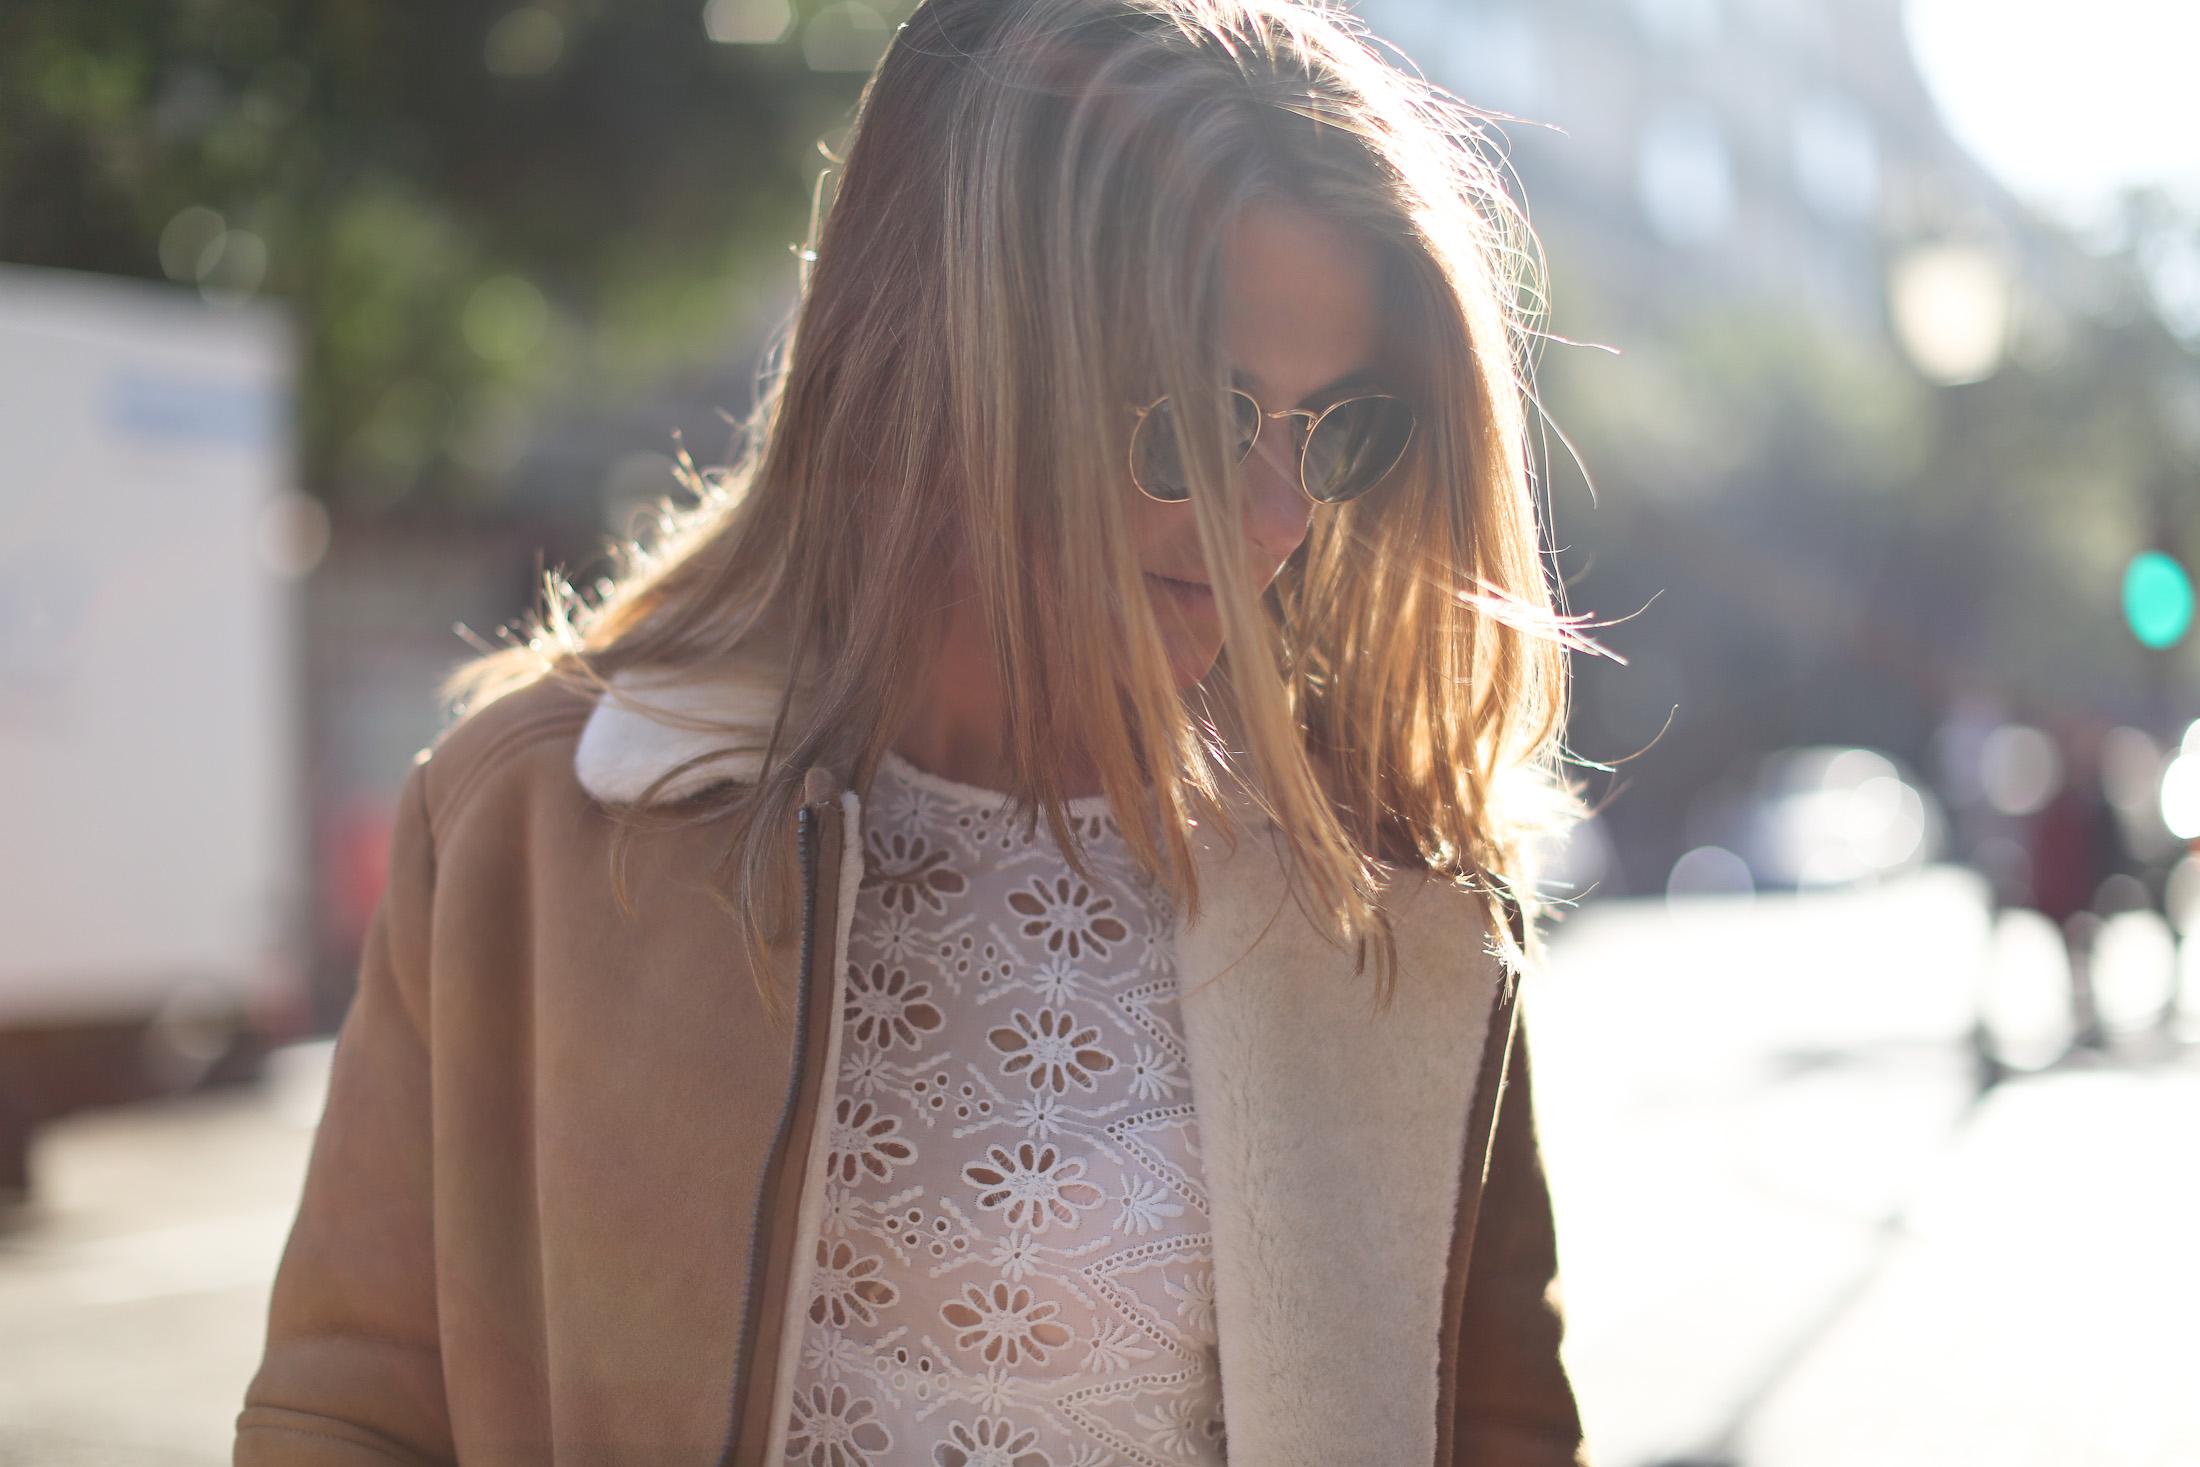 Clochet_streetstyle_mango_shearling_aviator_coat_adidas_samba_leztinstreet-13